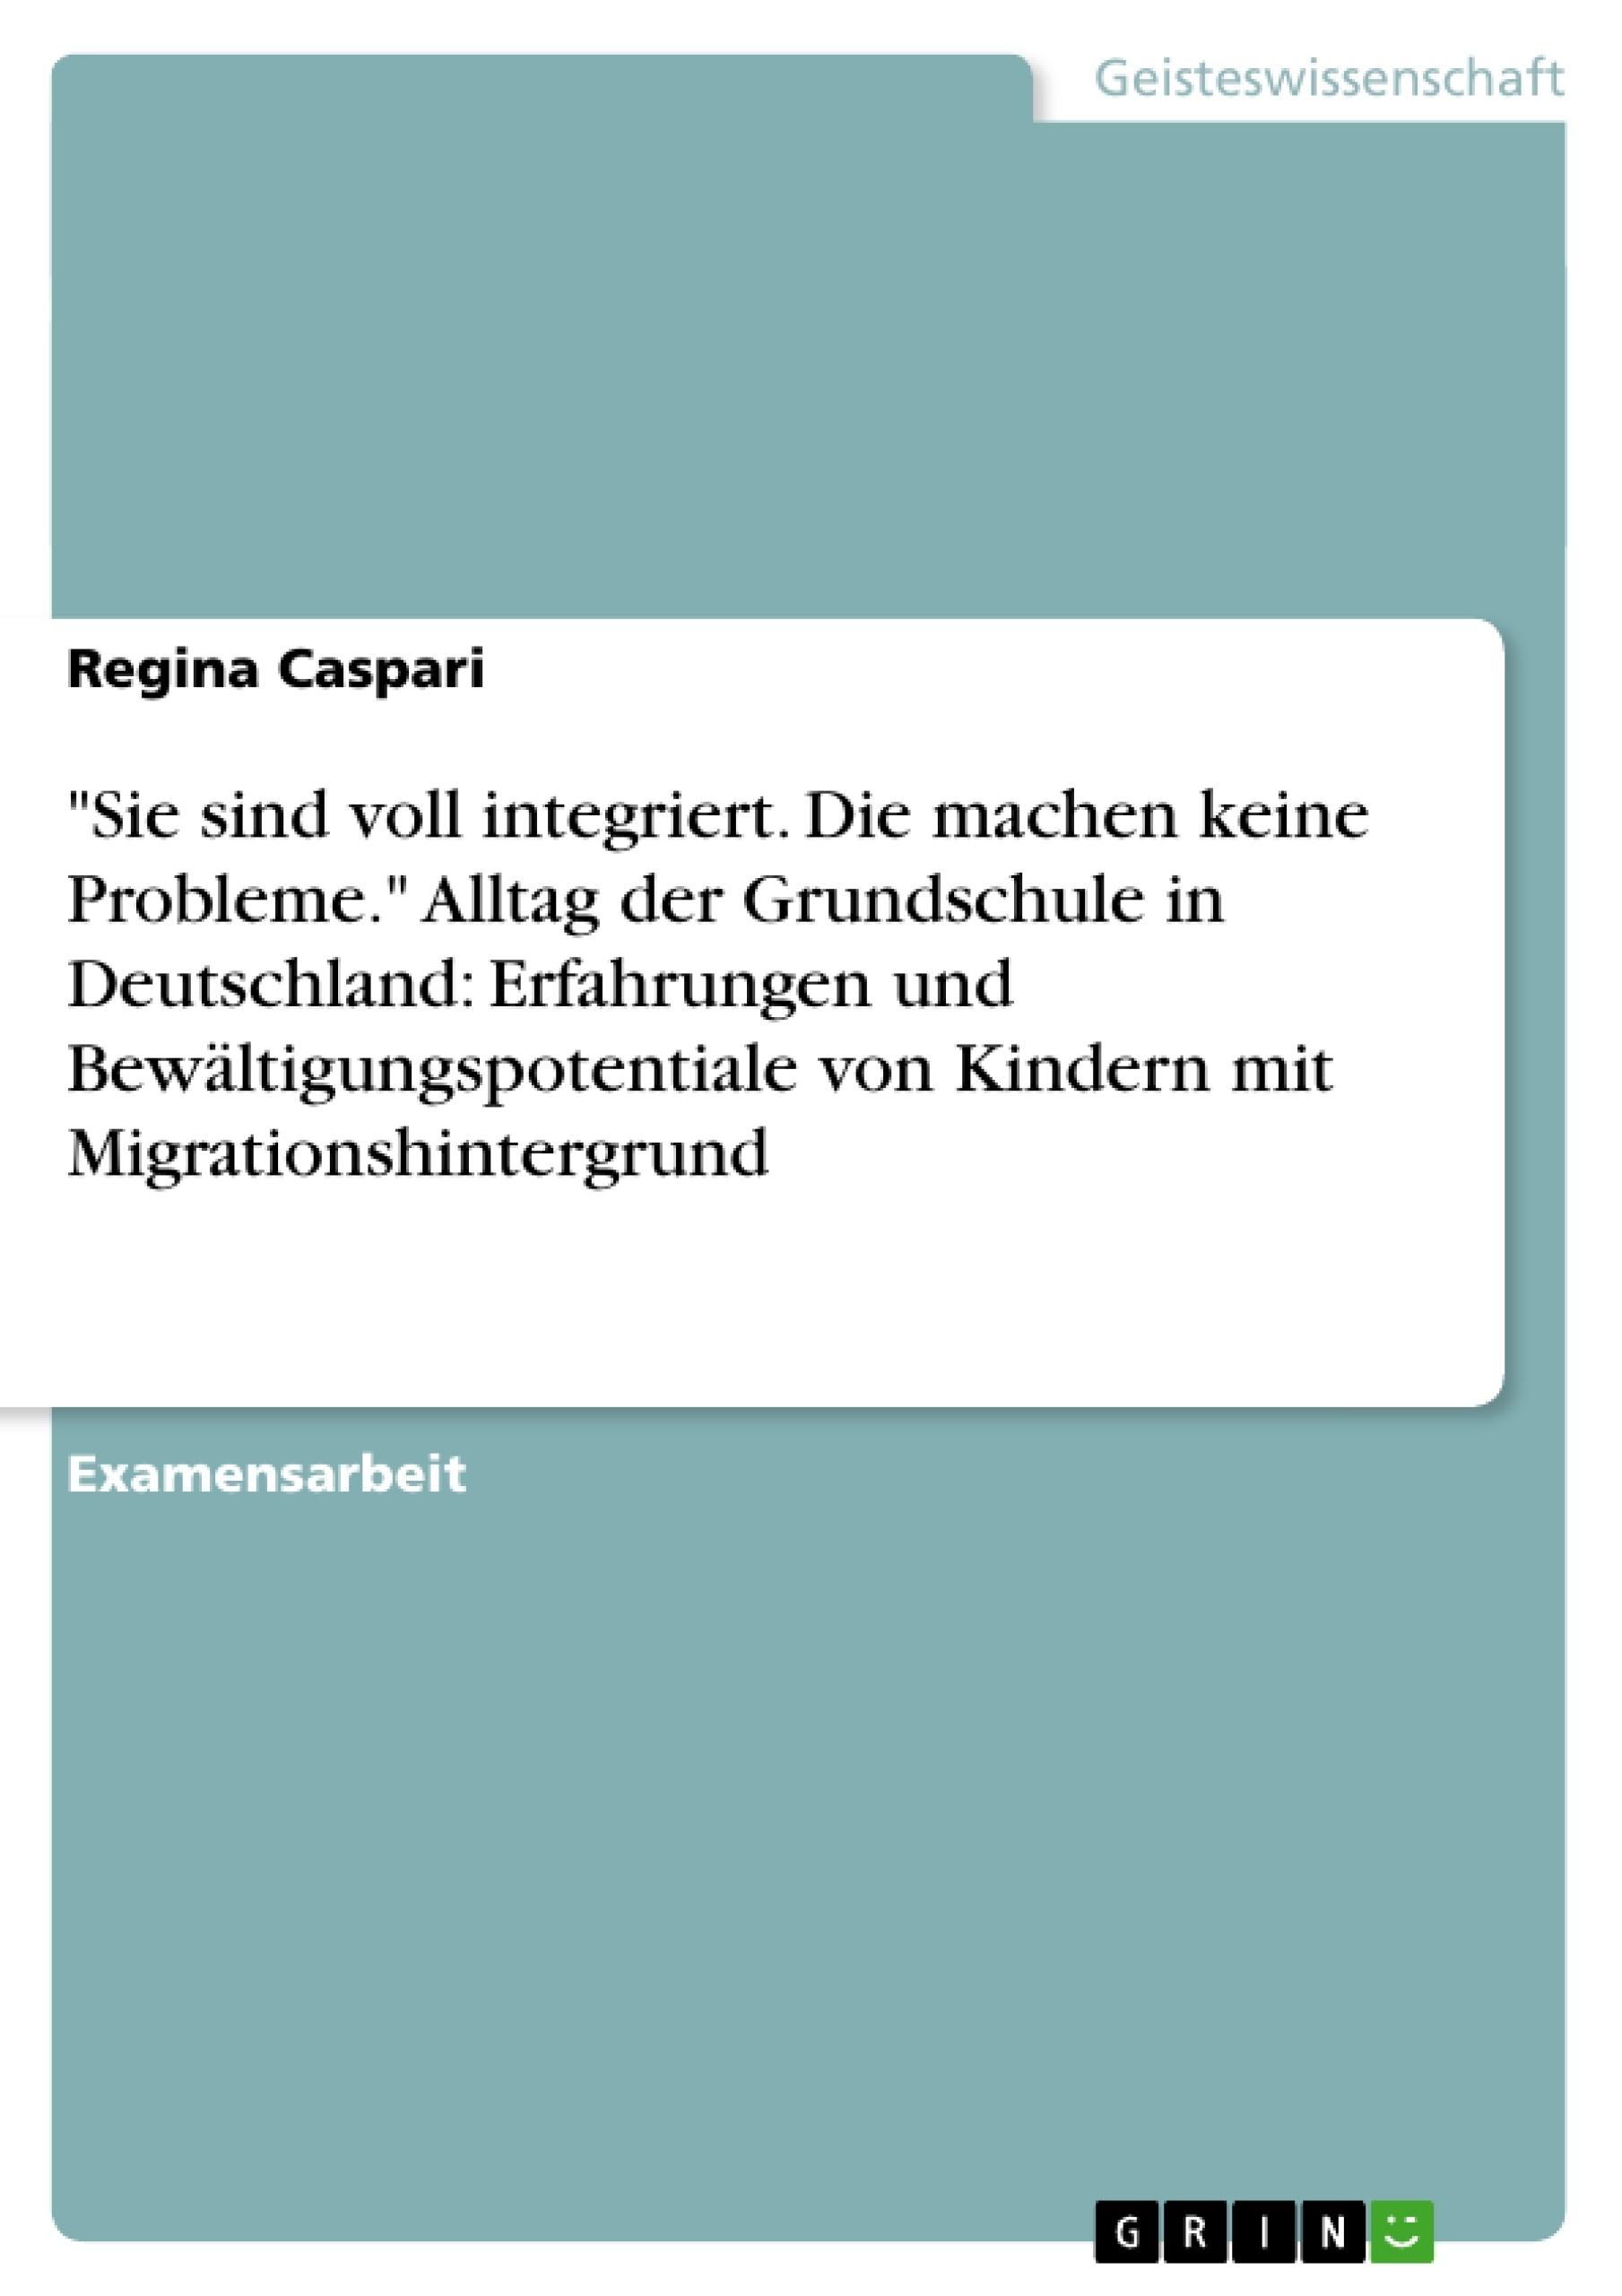 """Titel: """"Sie sind voll integriert. Die machen keine Probleme."""" Alltag der Grundschule in Deutschland: Erfahrungen und Bewältigungspotentiale von Kindern mit Migrationshintergrund"""